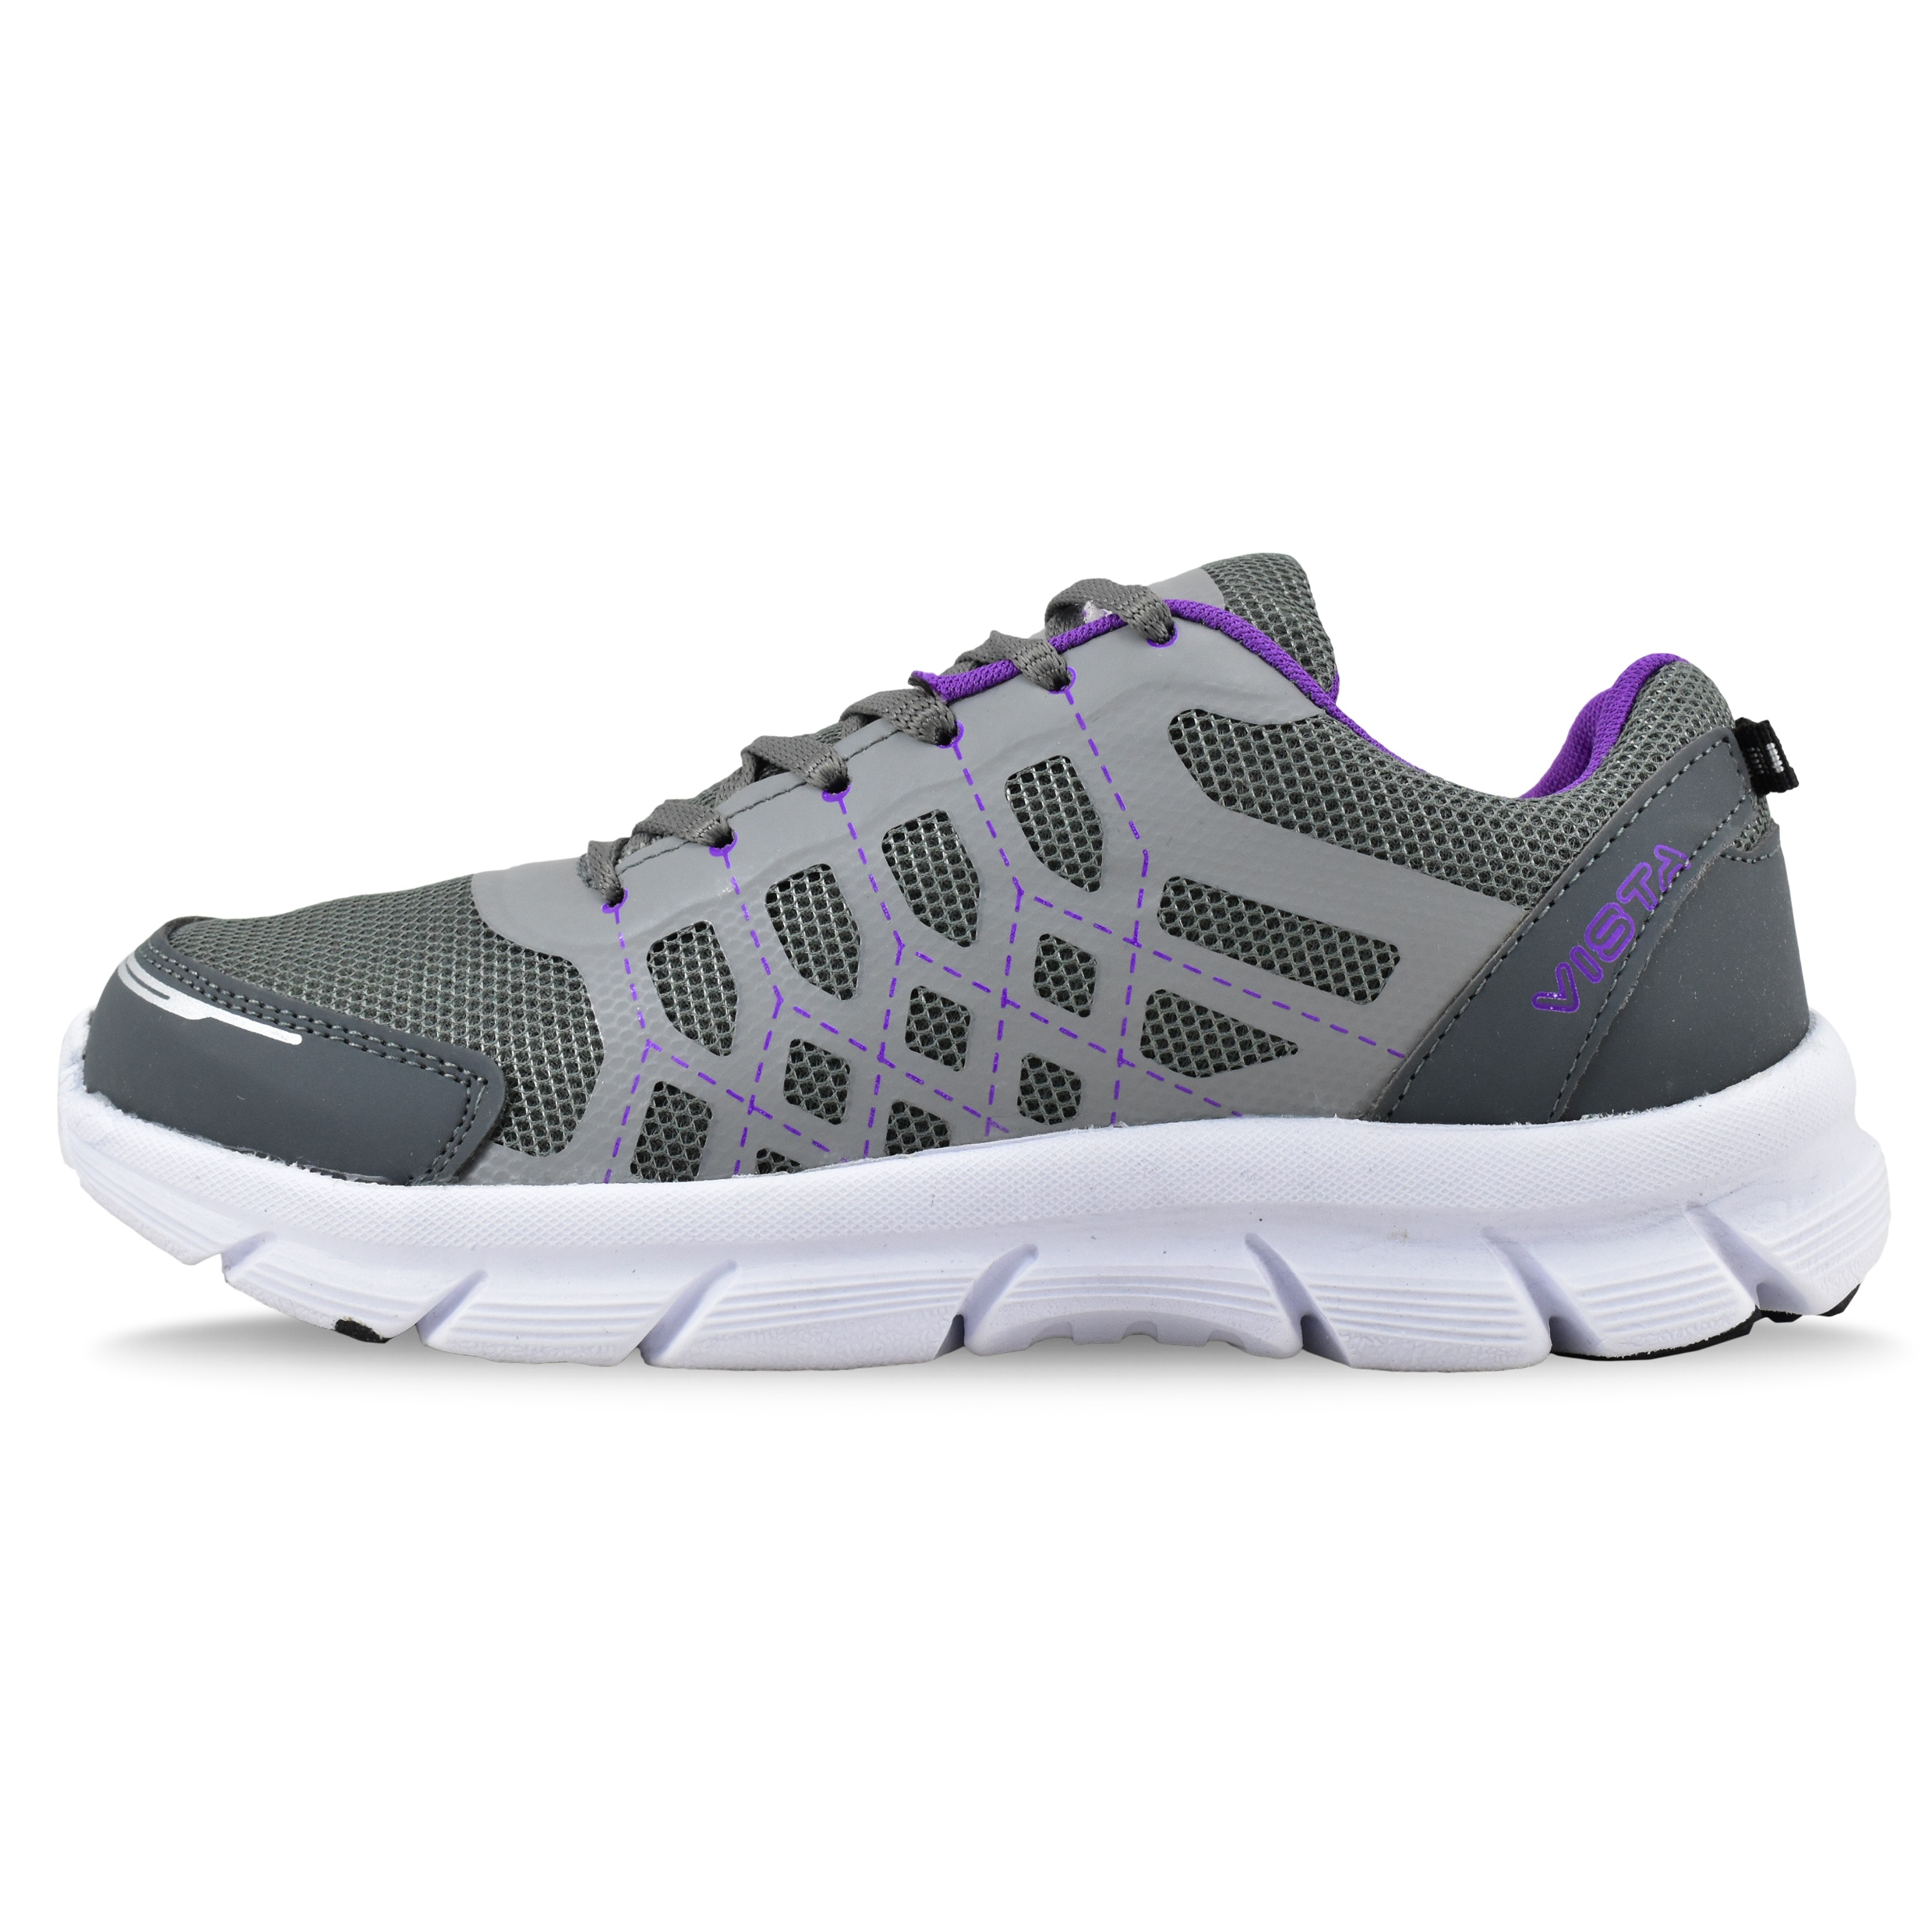 کفش مخصوص پیاده روی زنانه ویستا کد 4553